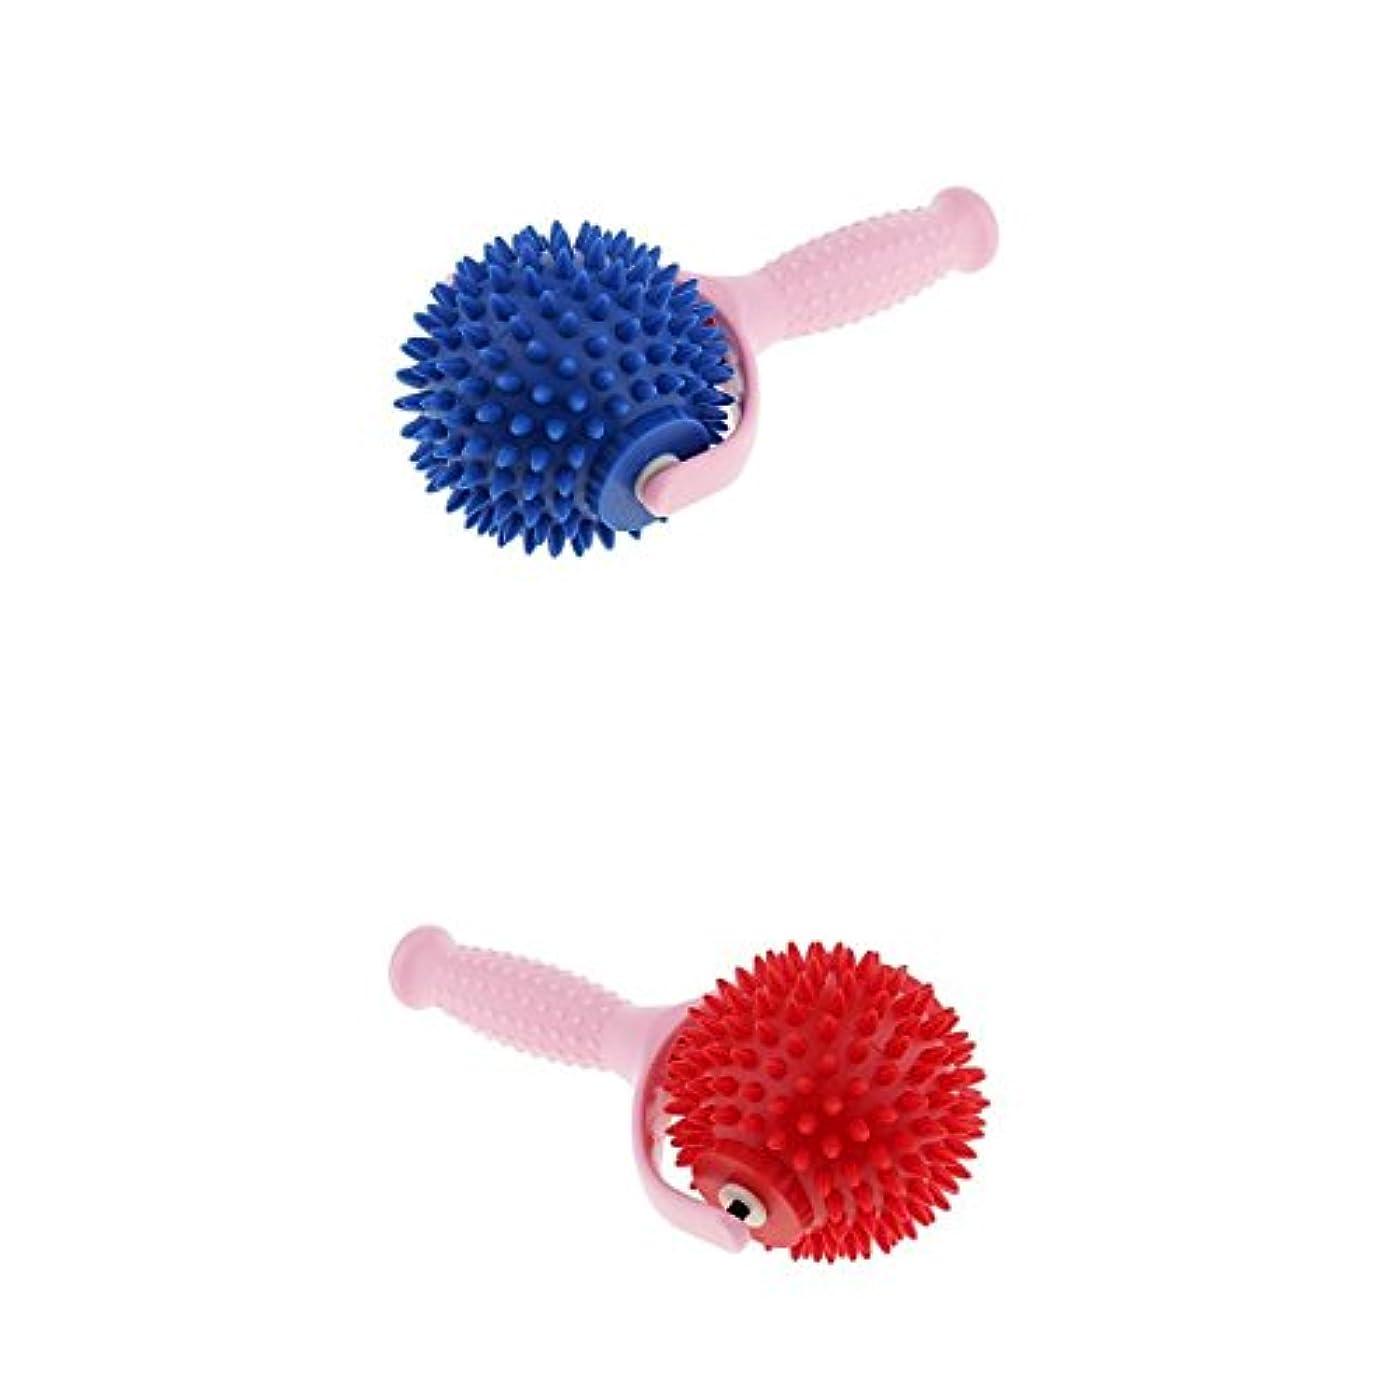 秘密のコンベンション研究Perfk マッサージボール 手持ち式 2個セット 筋膜リリース 伝統的 鍼療法 PVCプラスチック